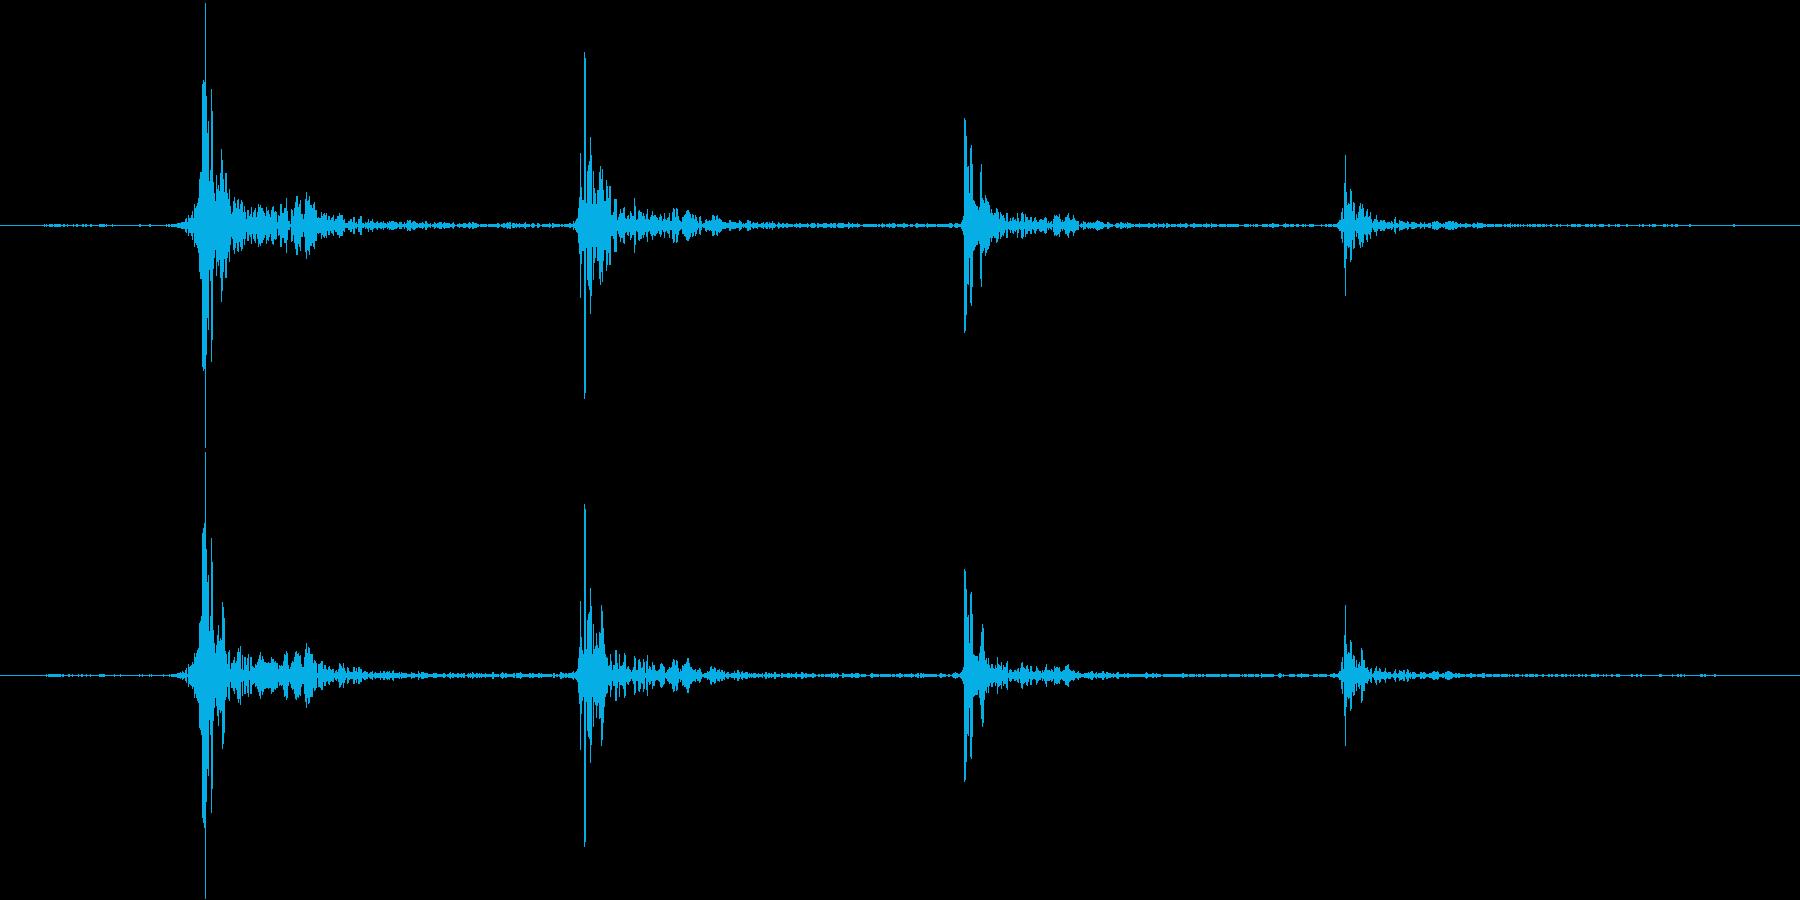 階段を移動する足音(タッタッタッ...)の再生済みの波形